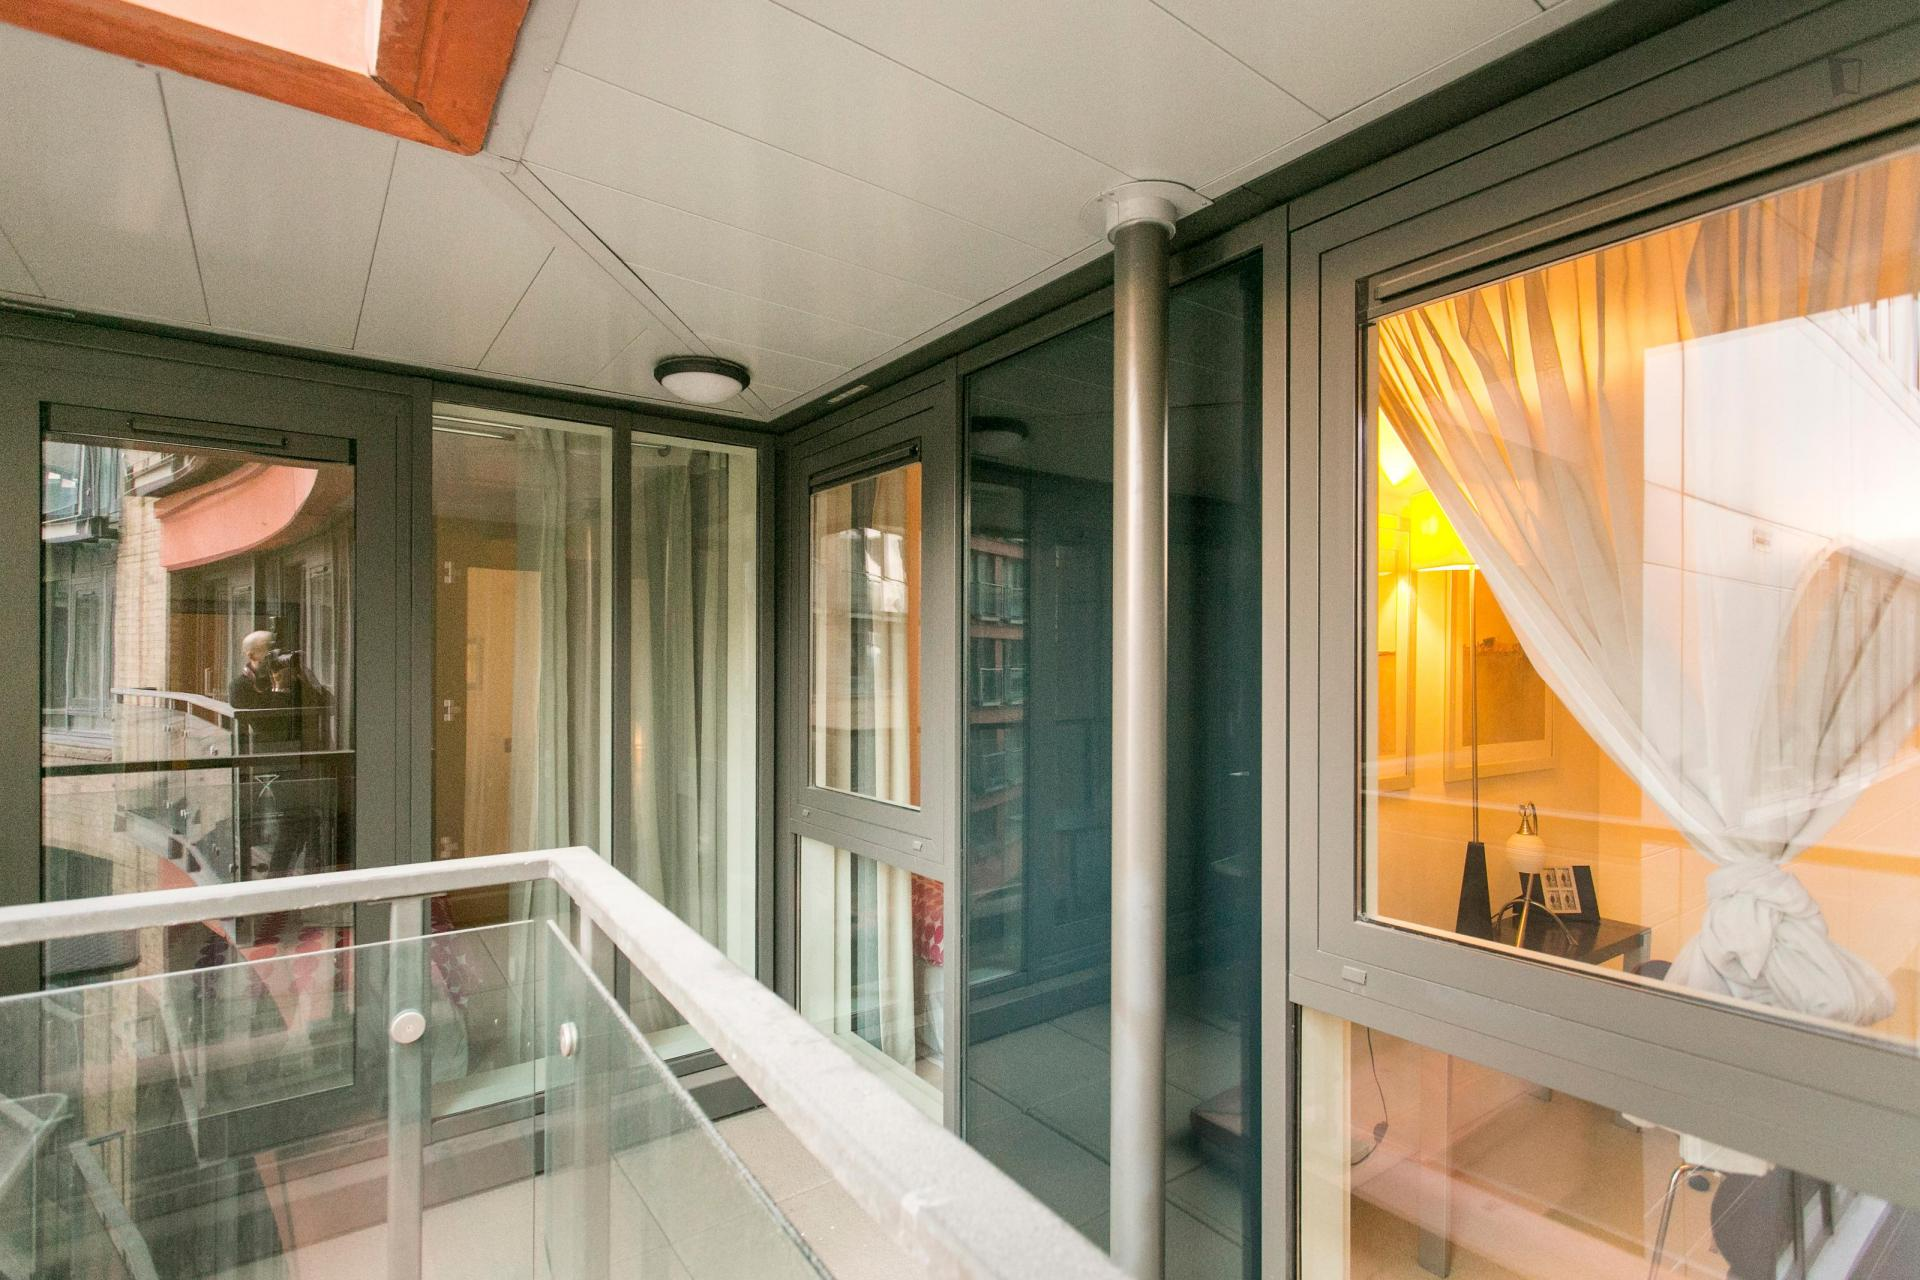 Praed - Apartamento moderno y espacioso en Londres